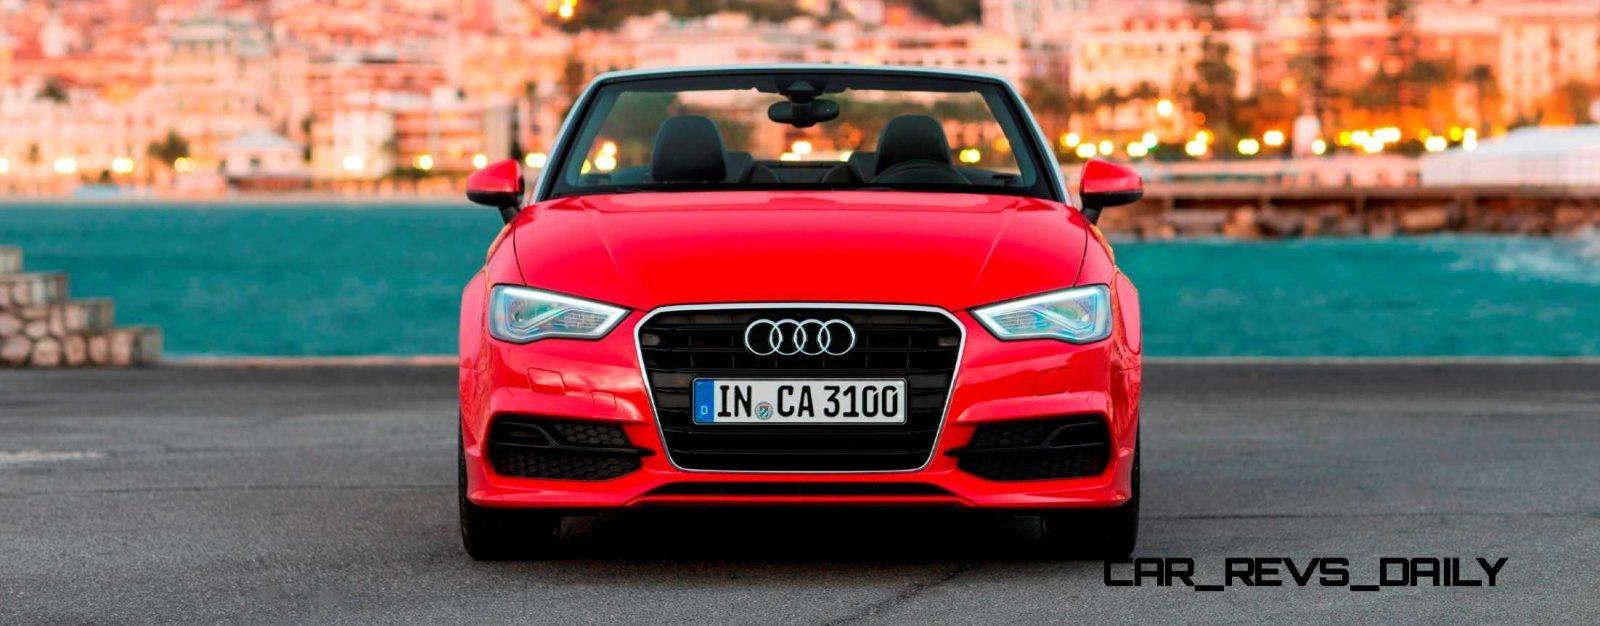 CarRevsDaily 2015 Audi A3 Cabrio 26